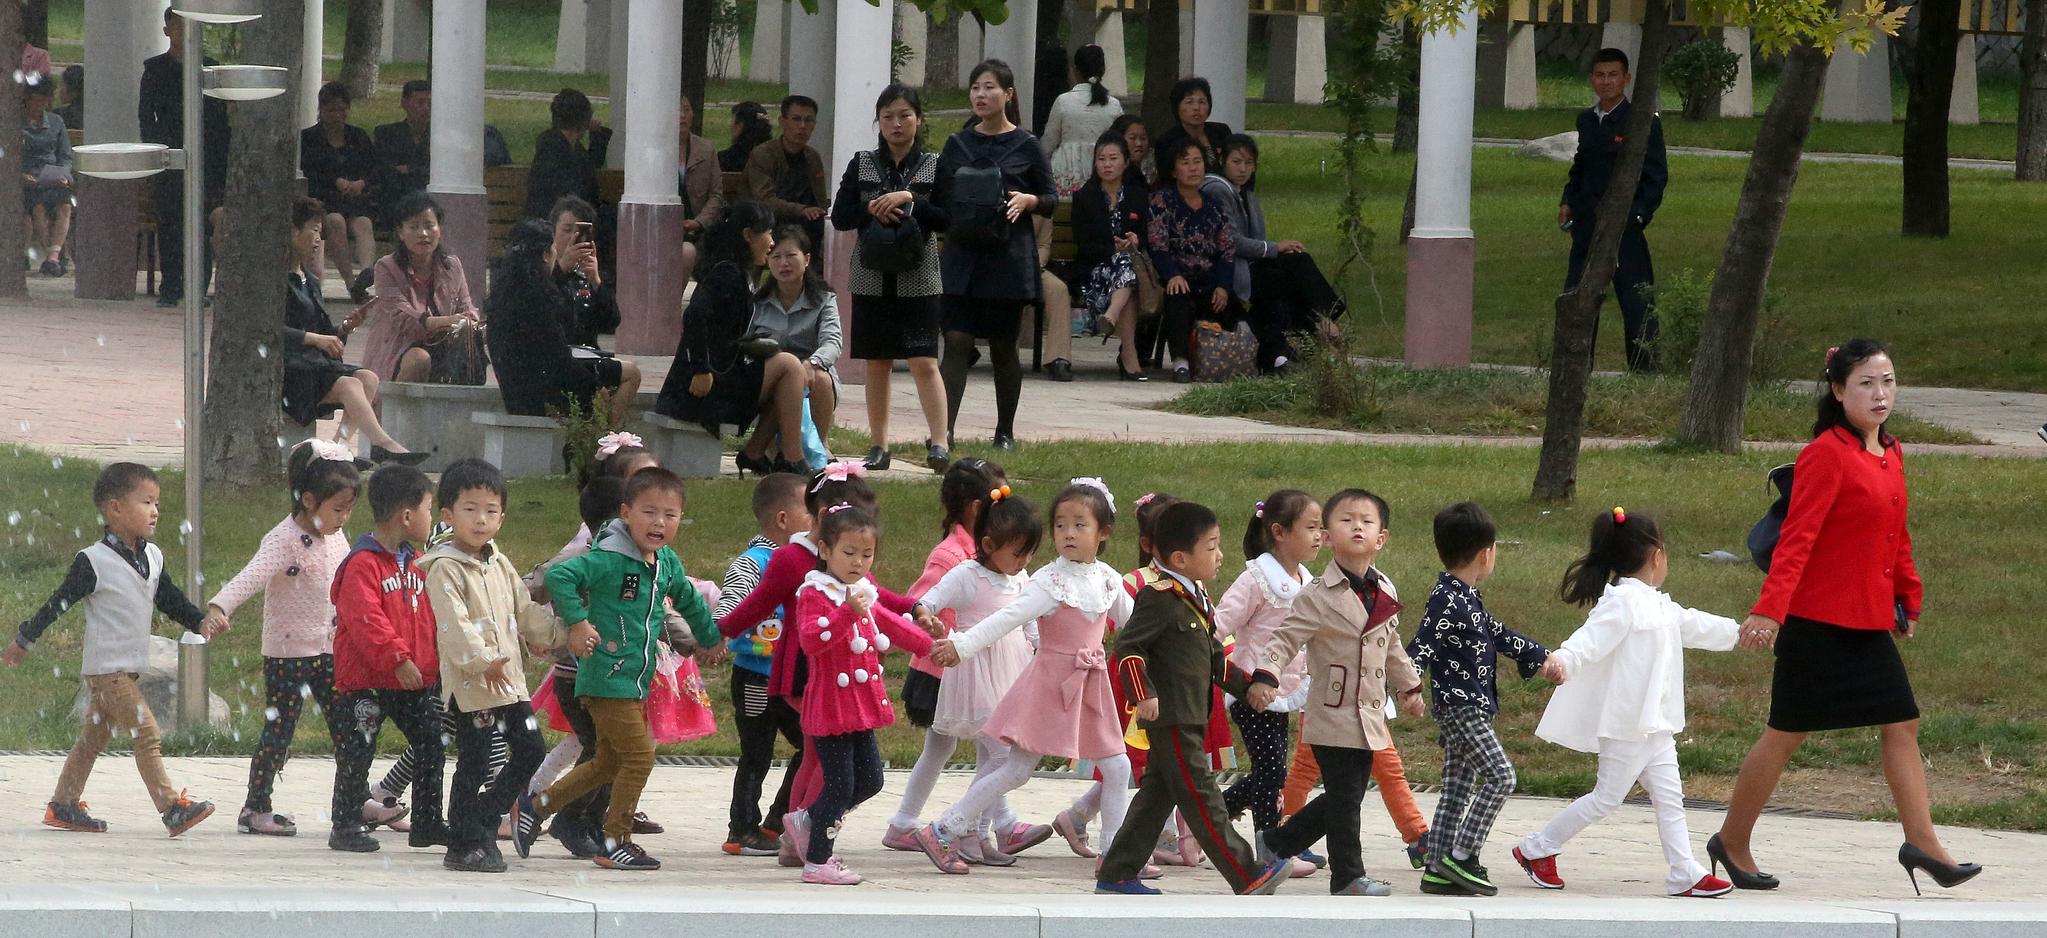 지난 6일 평양 중앙동물원을 찾은 어린이들이 선생님을 따라 손을 잡고 걸어가고 있다. 평양사진공동취재단